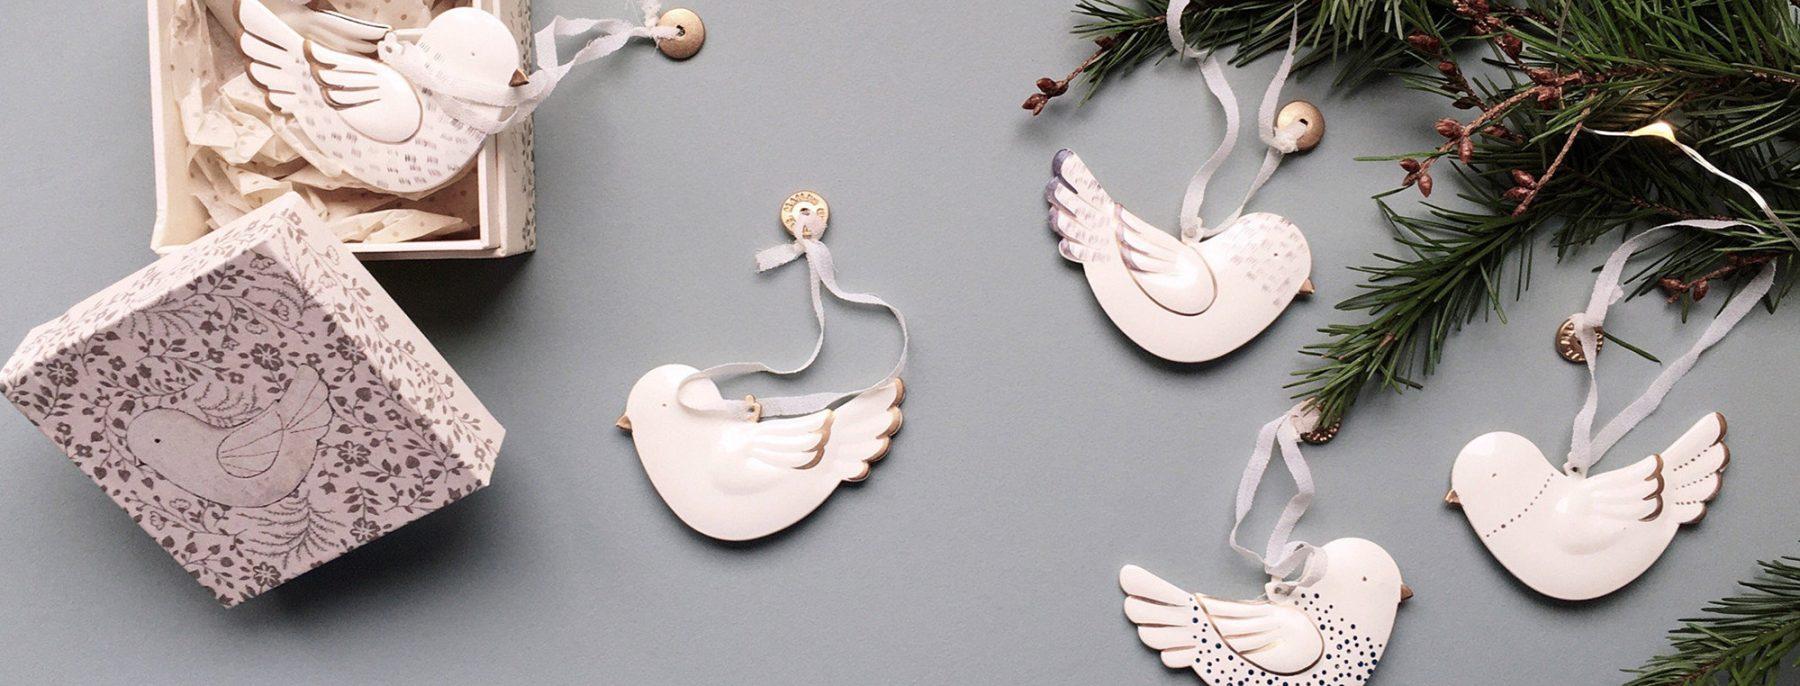 Myla&Milo-Maileg-decorations-de-noel-oiseaux-metal-peints-a-la-main-bandeau